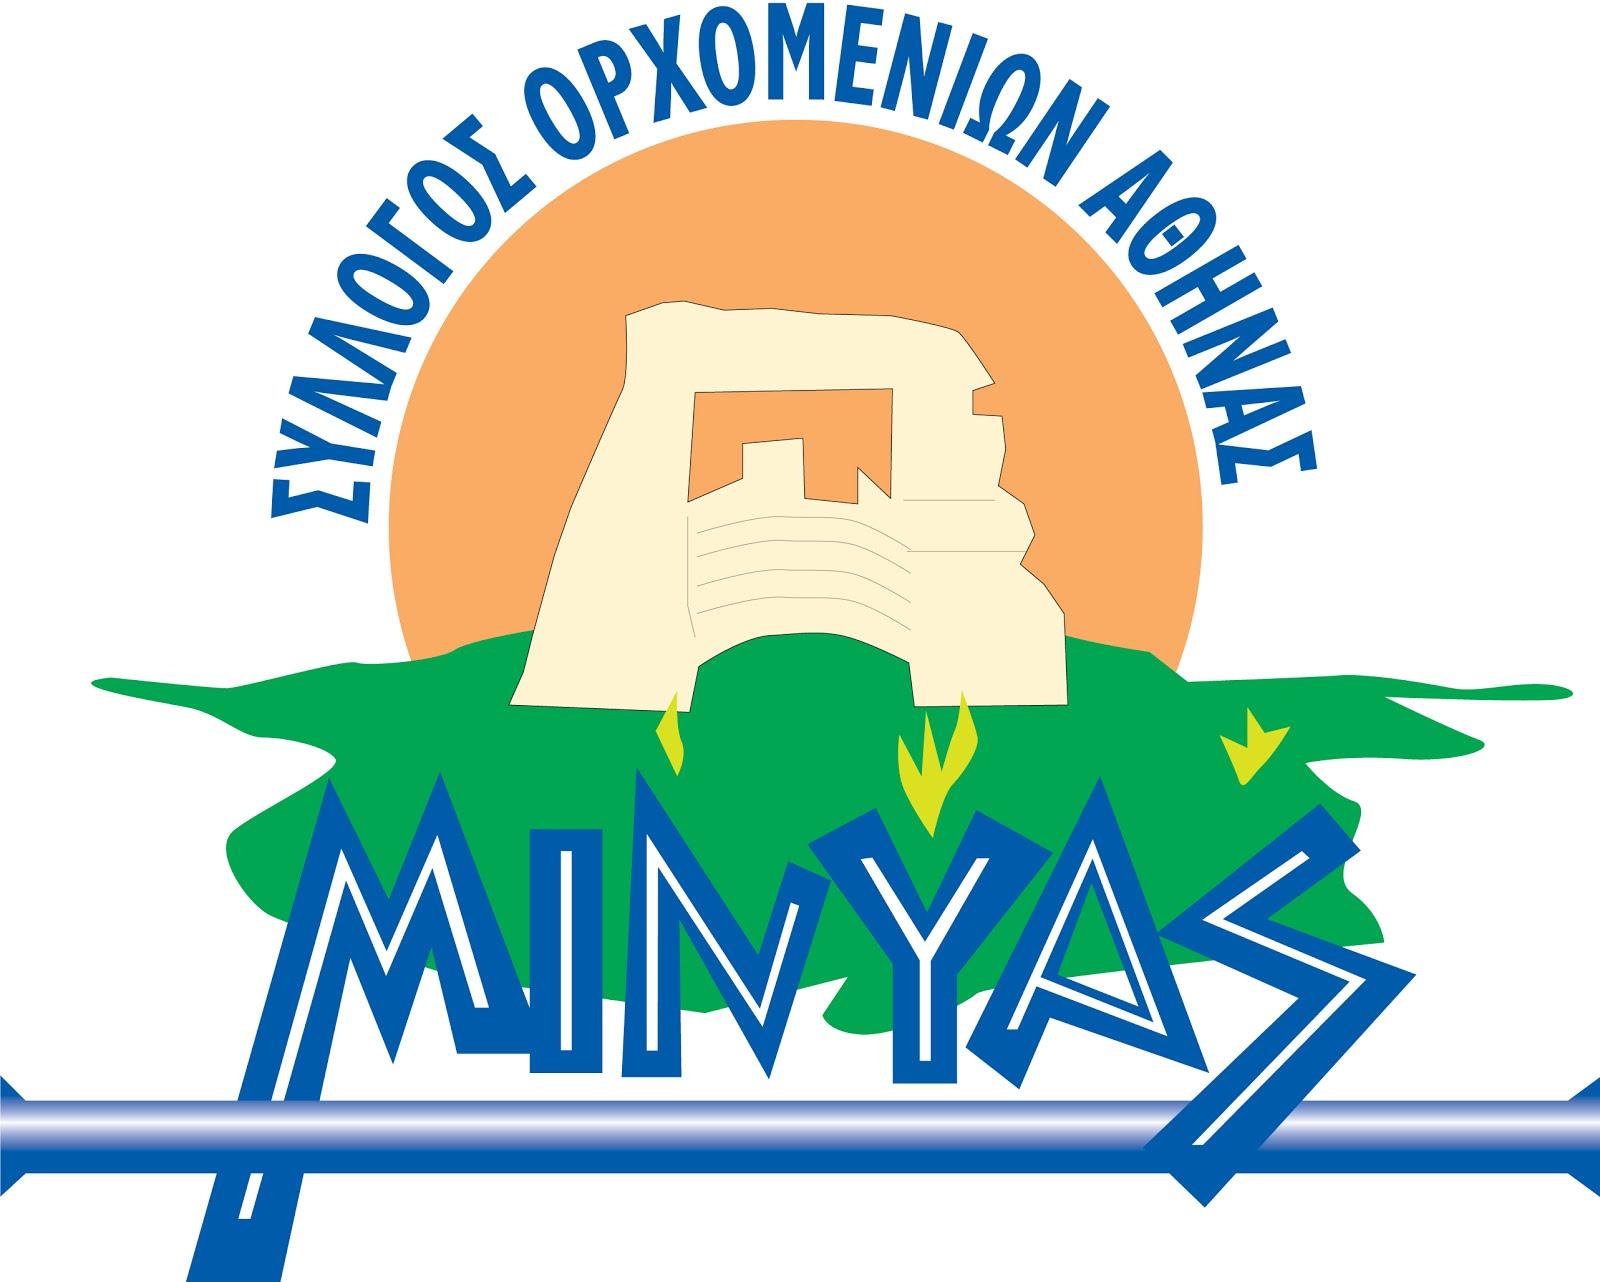 Ανοικτό κάλεσμα από το Σύλλογο Ορχομενίων της Αθήνας για την κοπή της Βασιλόπιτας του 2018